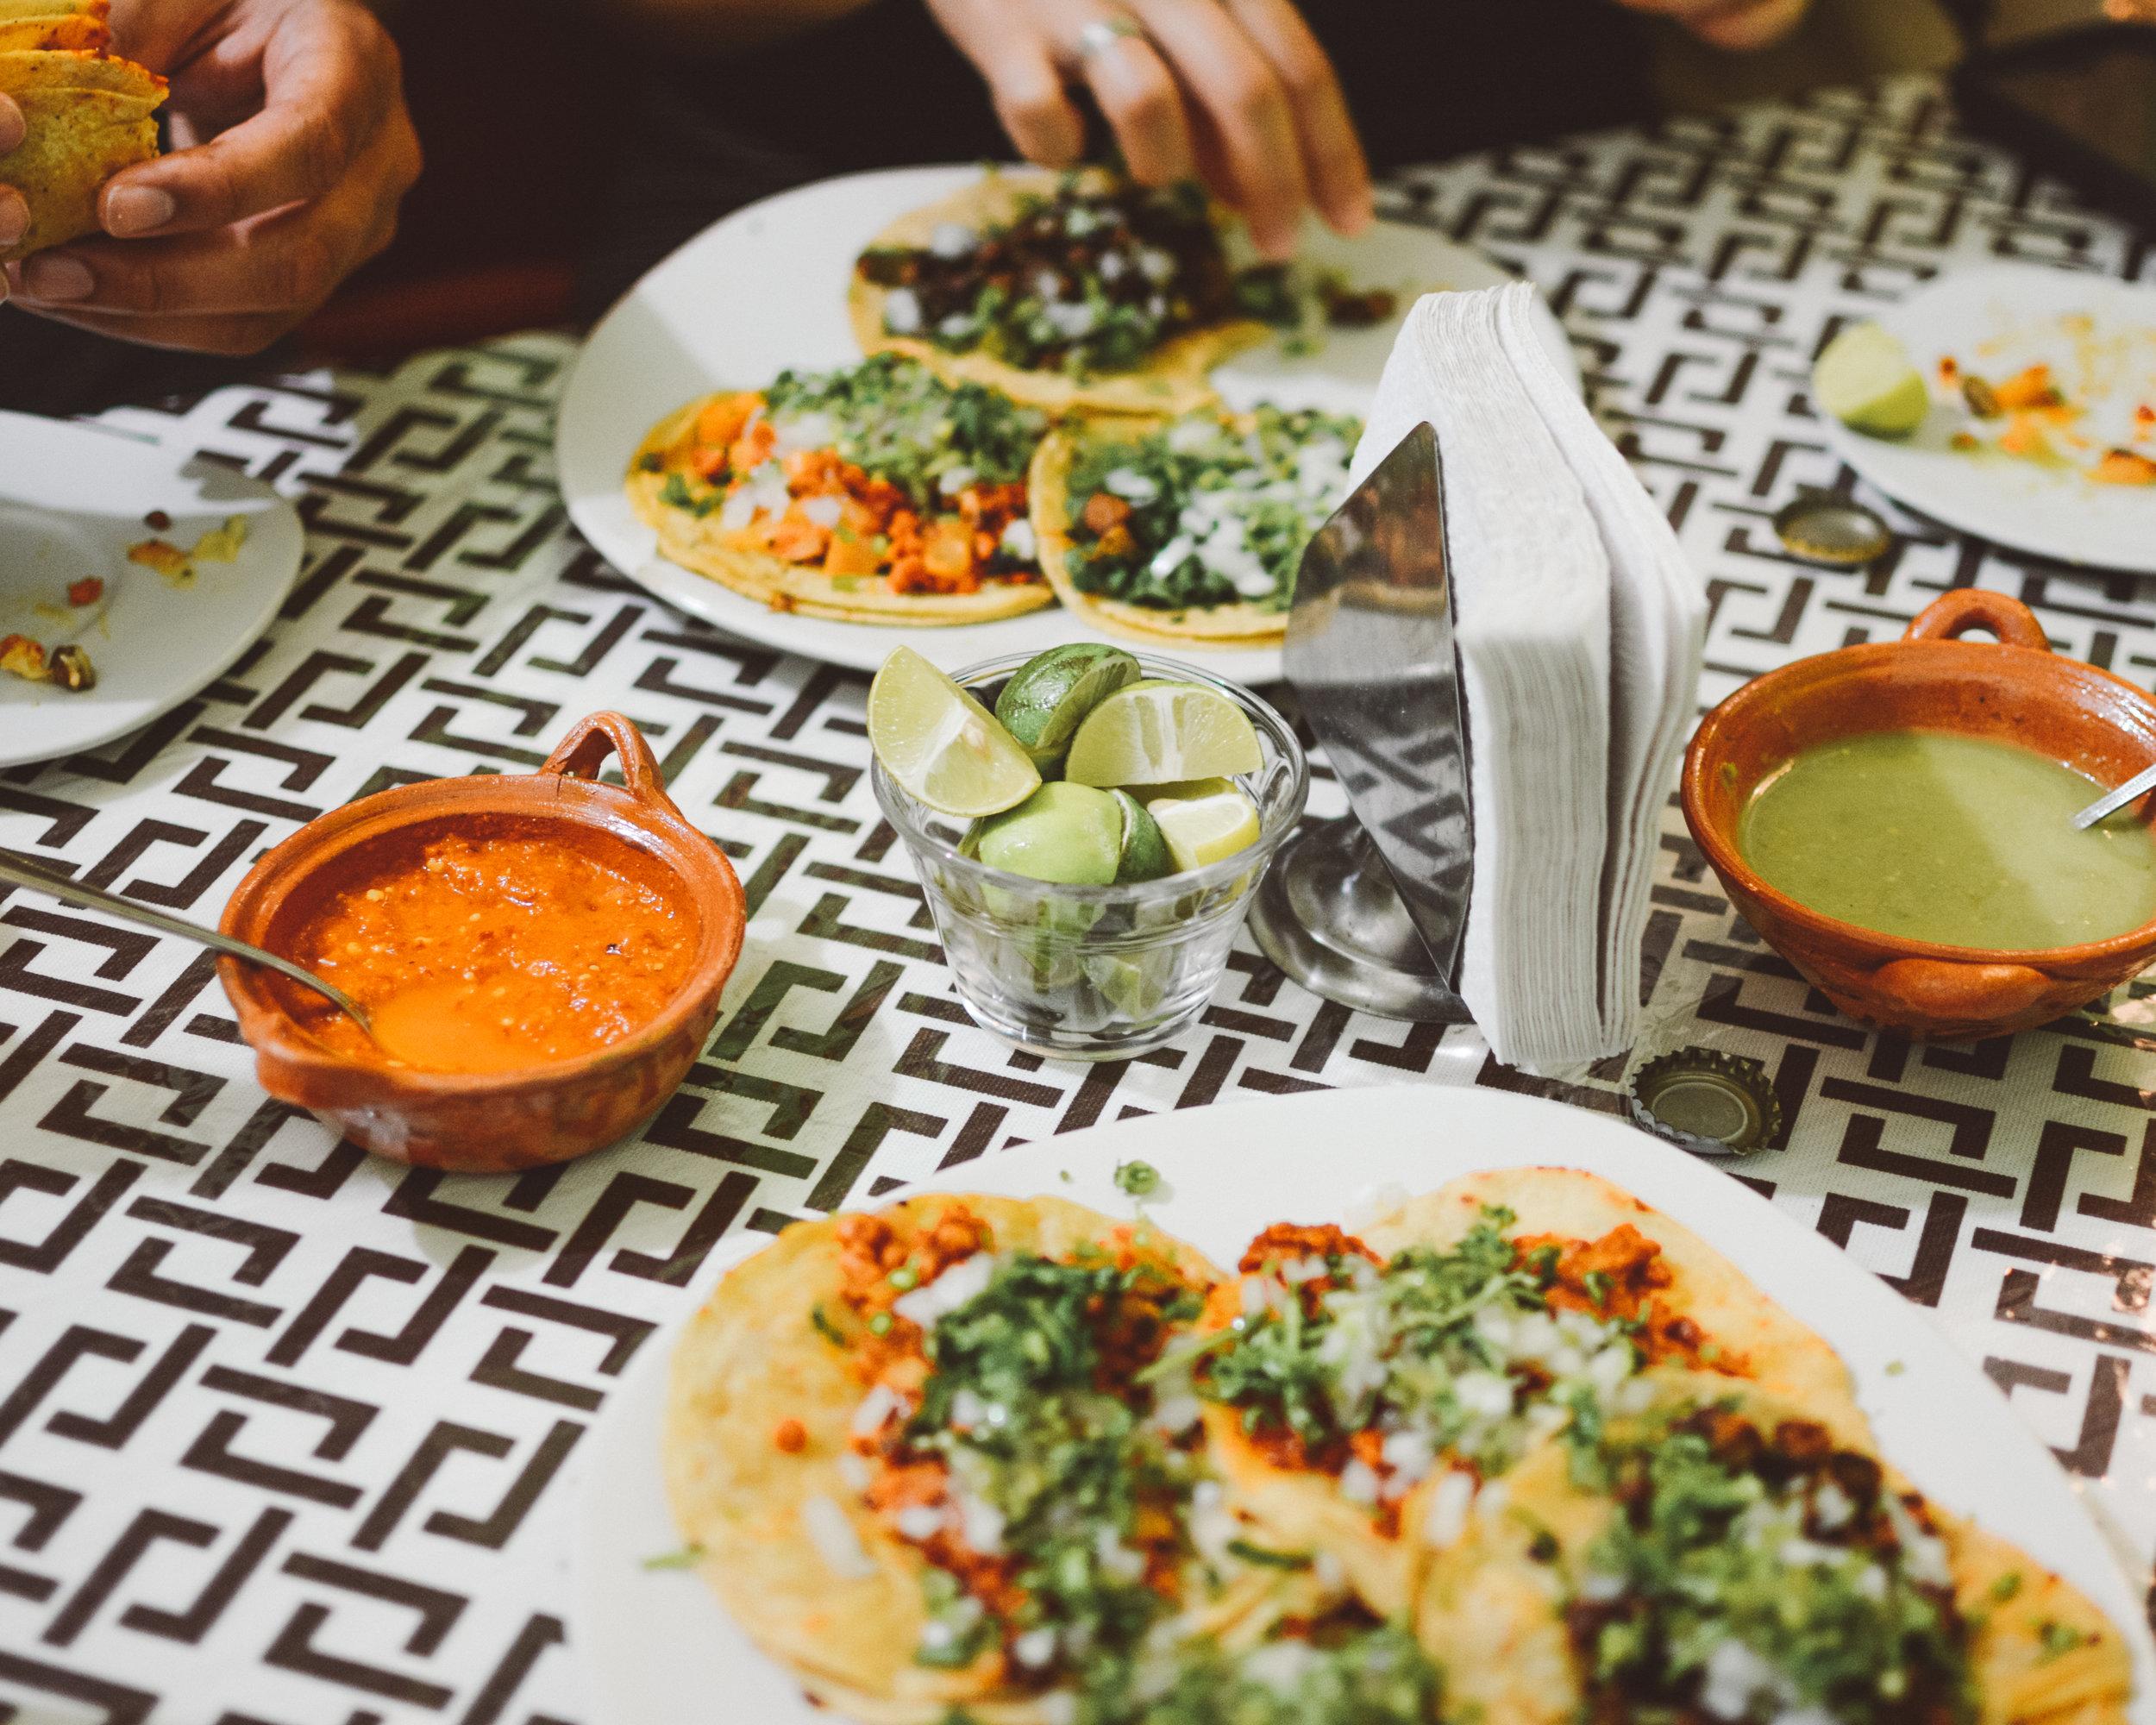 Vegan Tacos, Mexico City